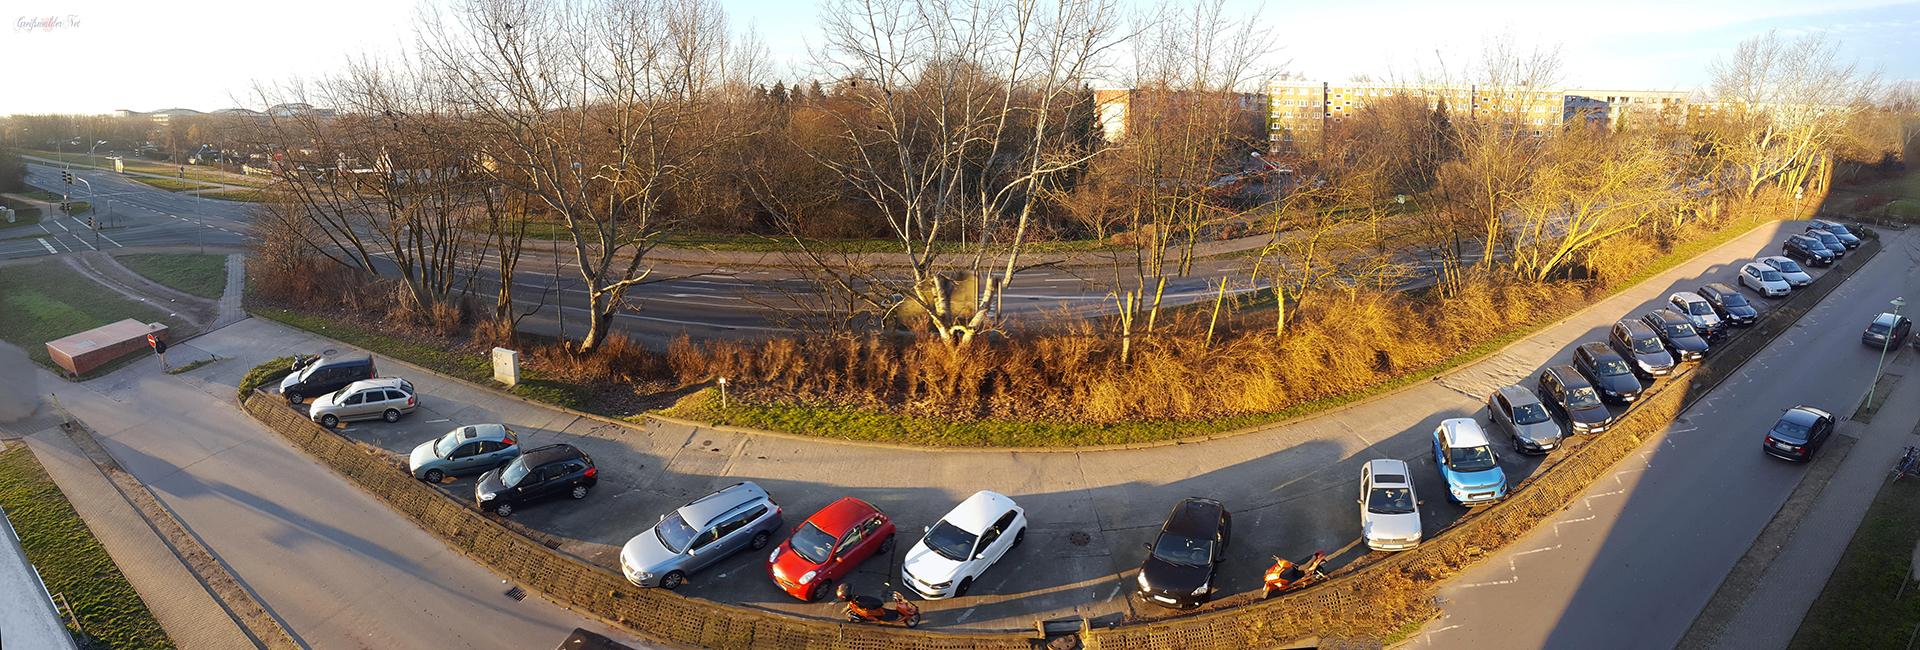 Sonntagmorgen in Greifswald